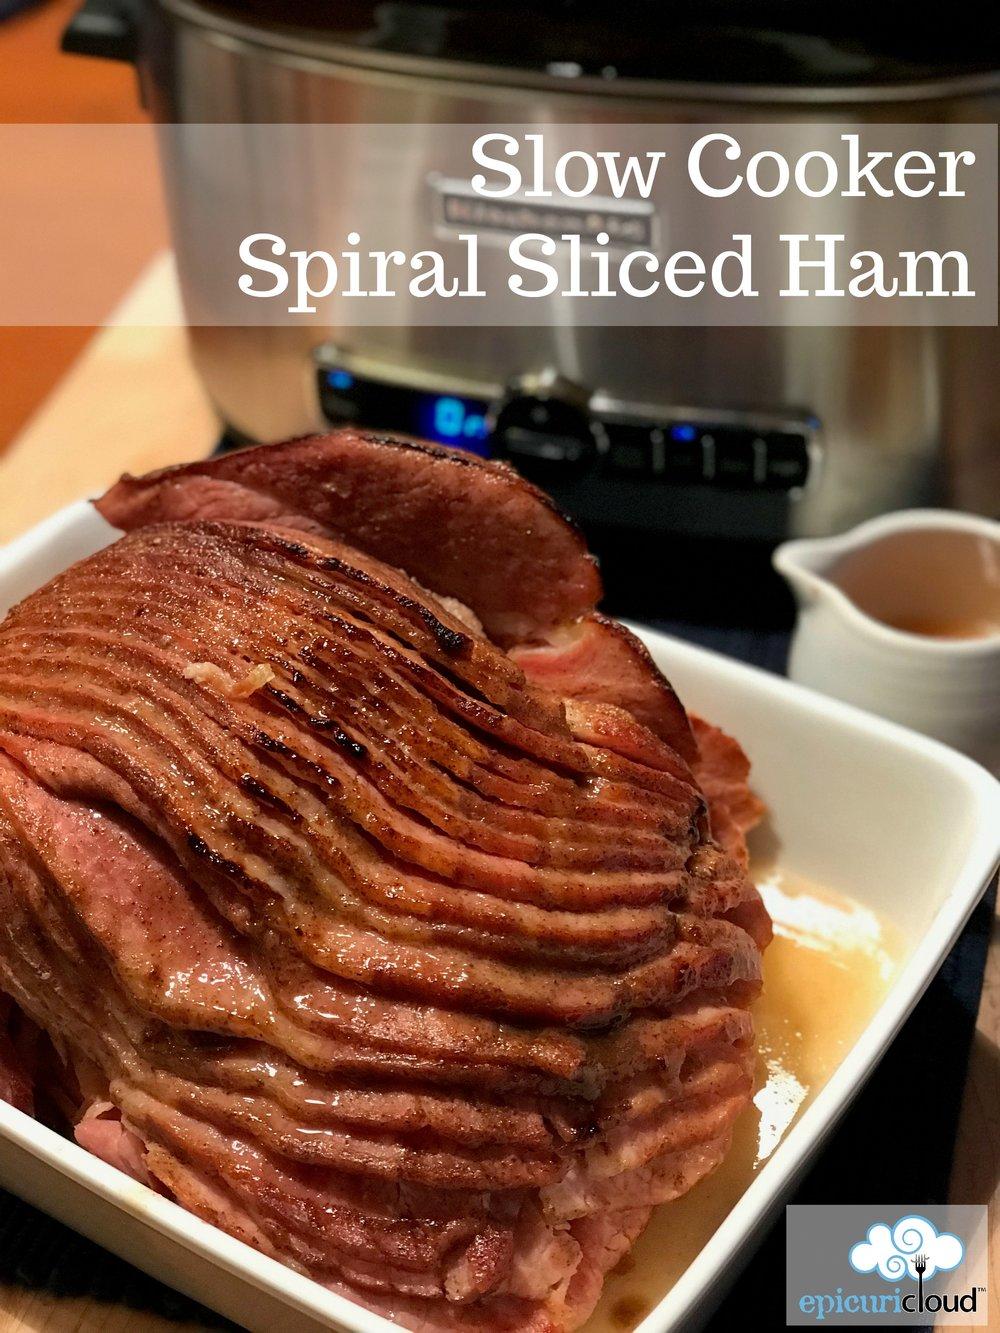 Slow Cooker Spiral Sliced Ham-epicuricloud.com.jpg